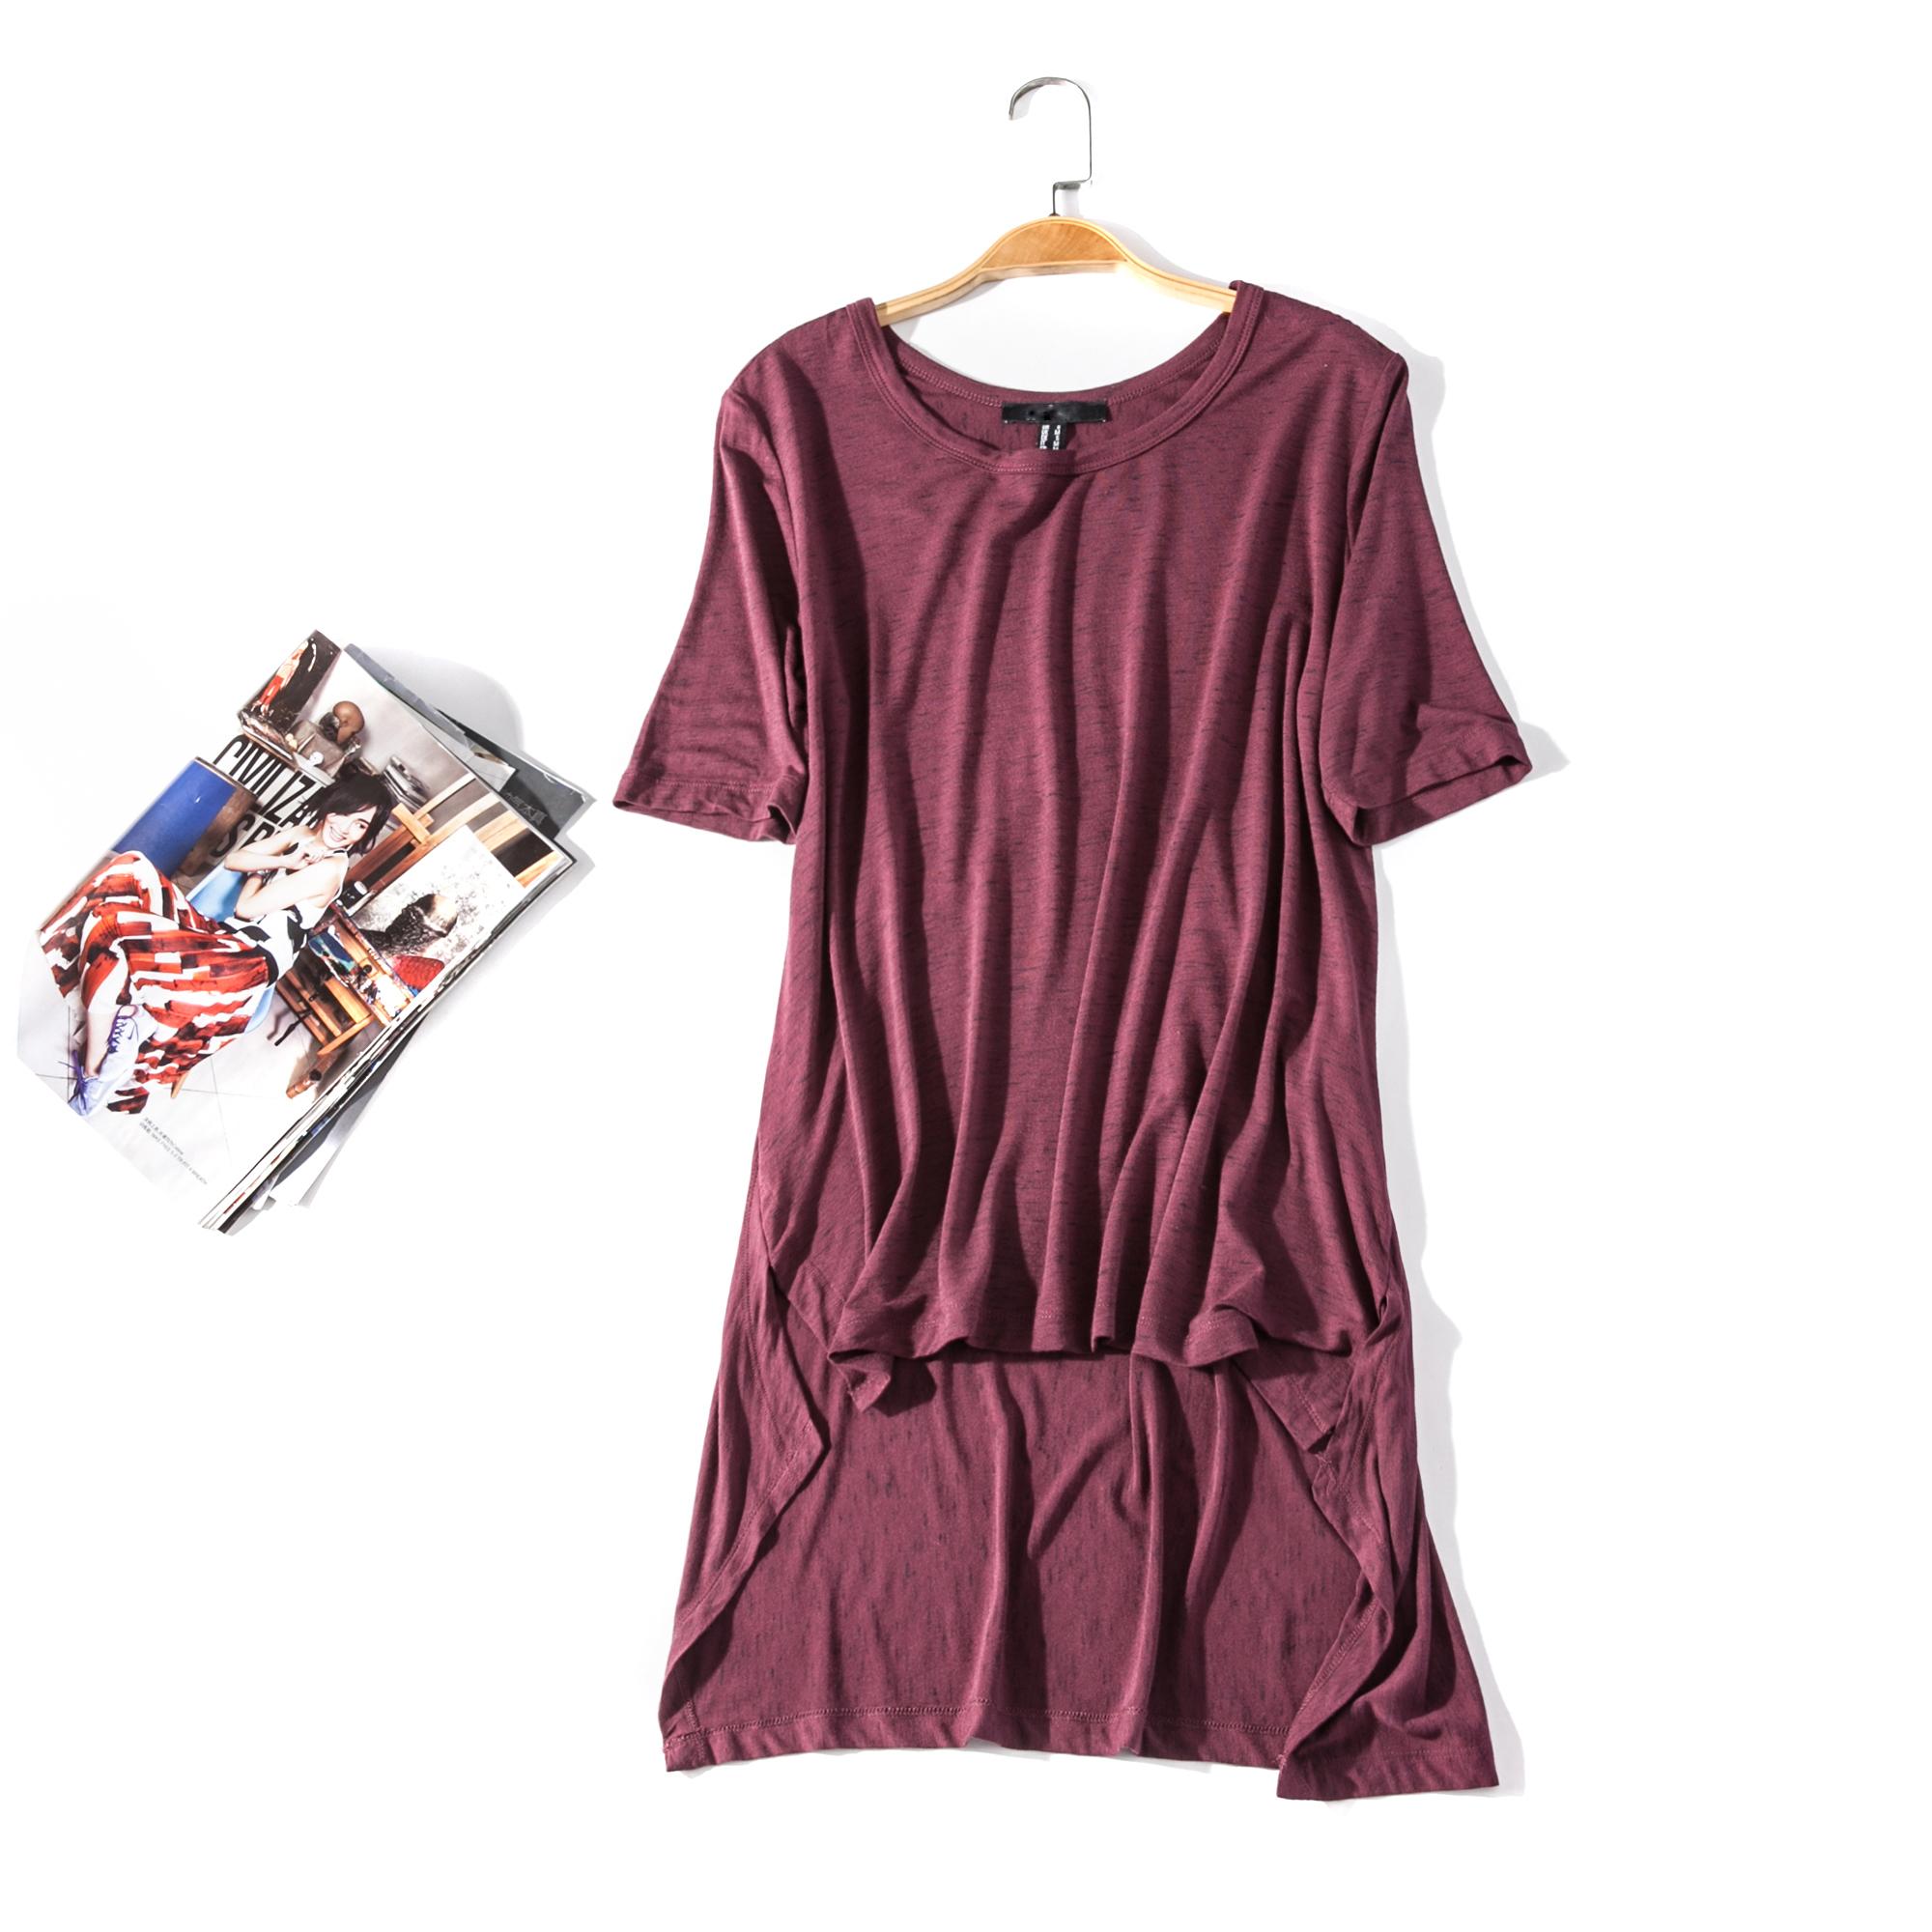 出口欧美单女装胸围92-144cm 圆领短袖前短后长套头T恤女I075C